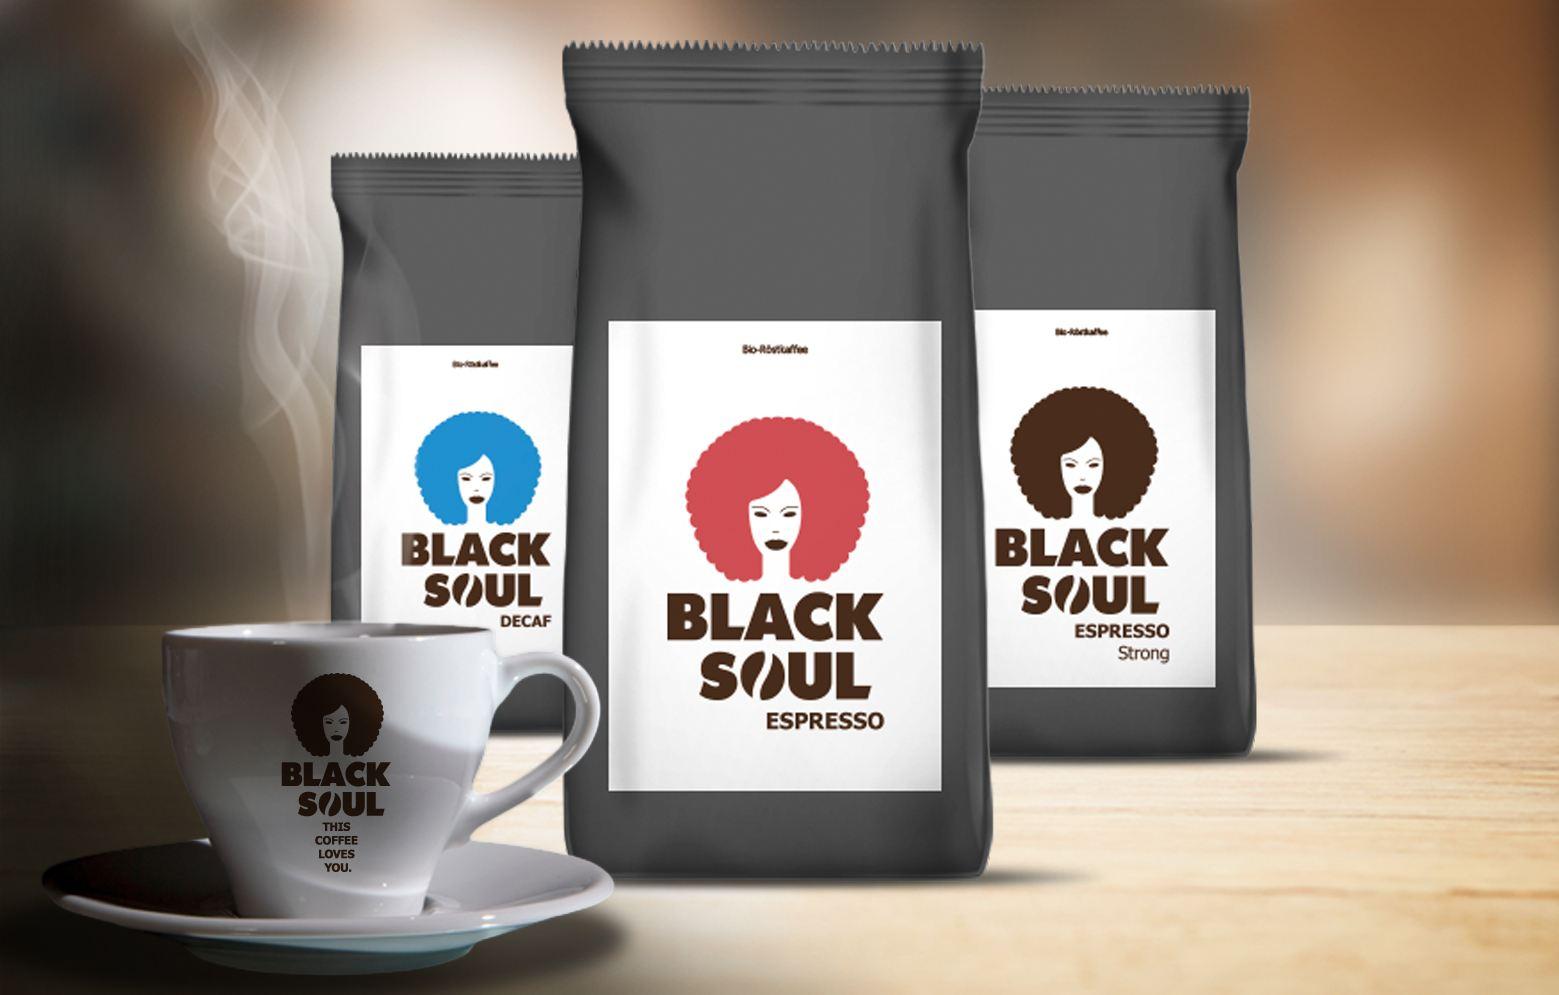 Espressotasse, mit drei Kaffeesorten von Black Soul, Espresso, Espresso strong, Decaf